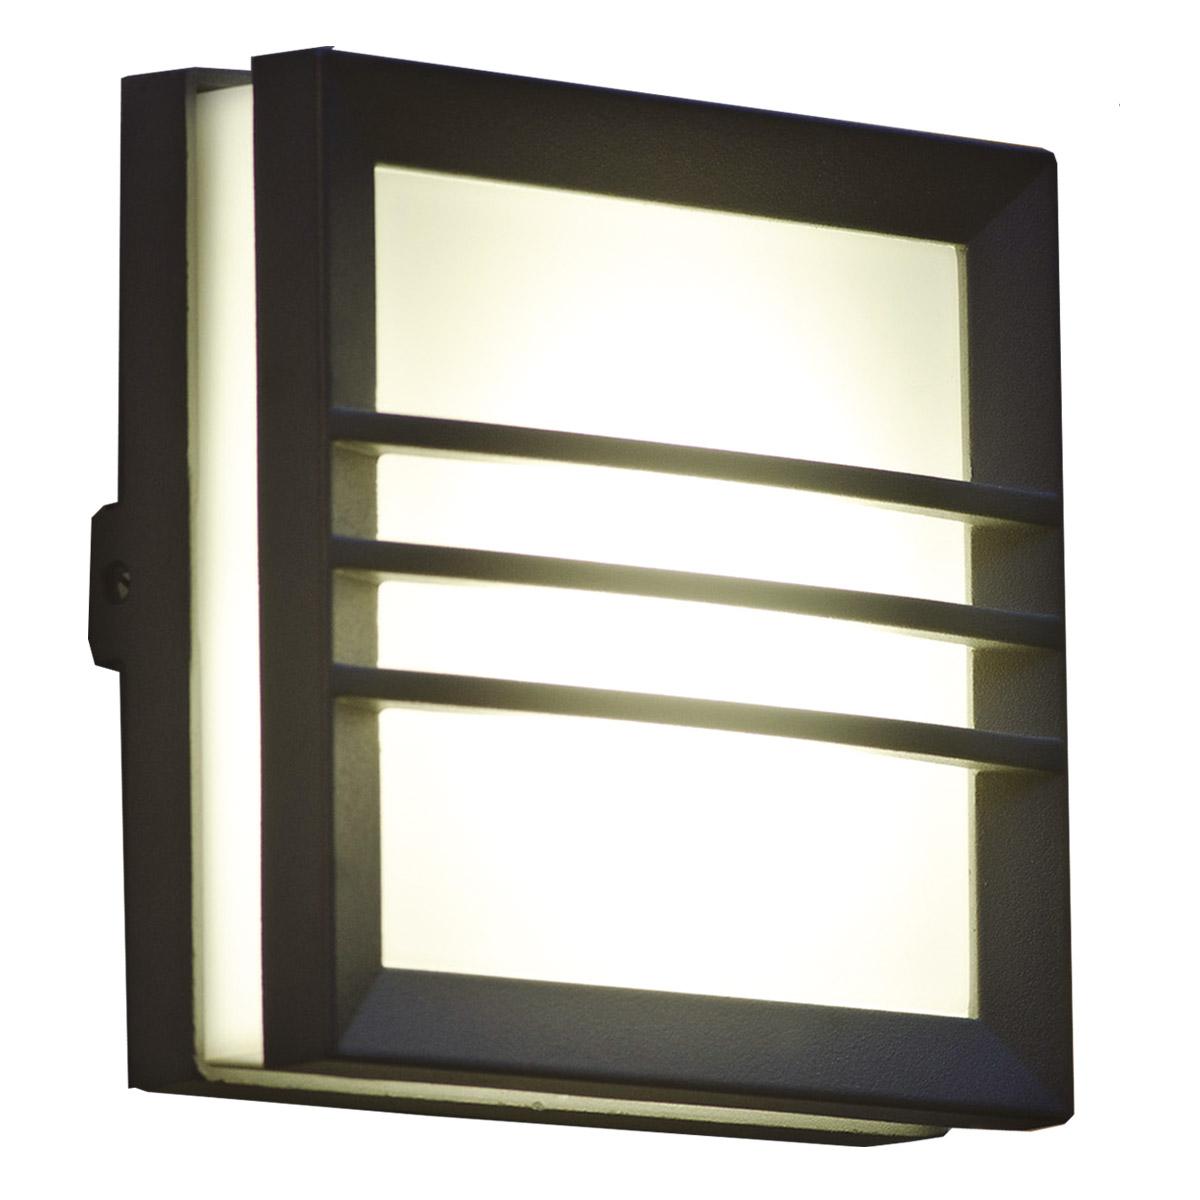 Buitenlamp Vision 5